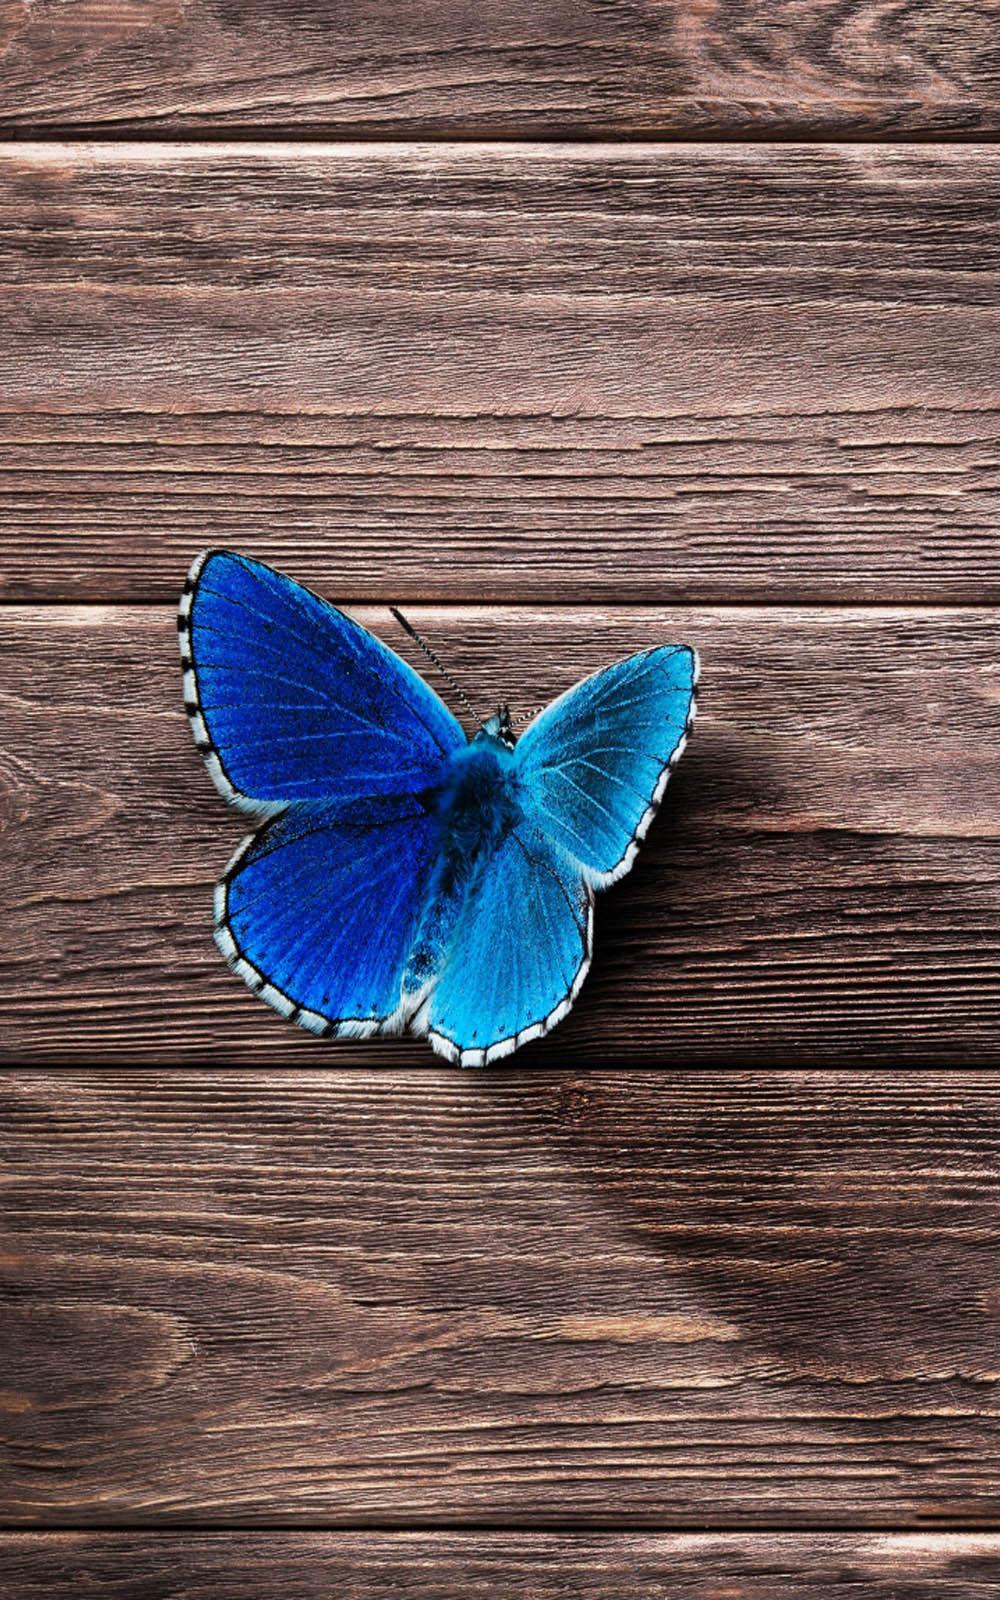 Beautiful Blue Butterfly 4K Ultra HD Mobile Wallpaper